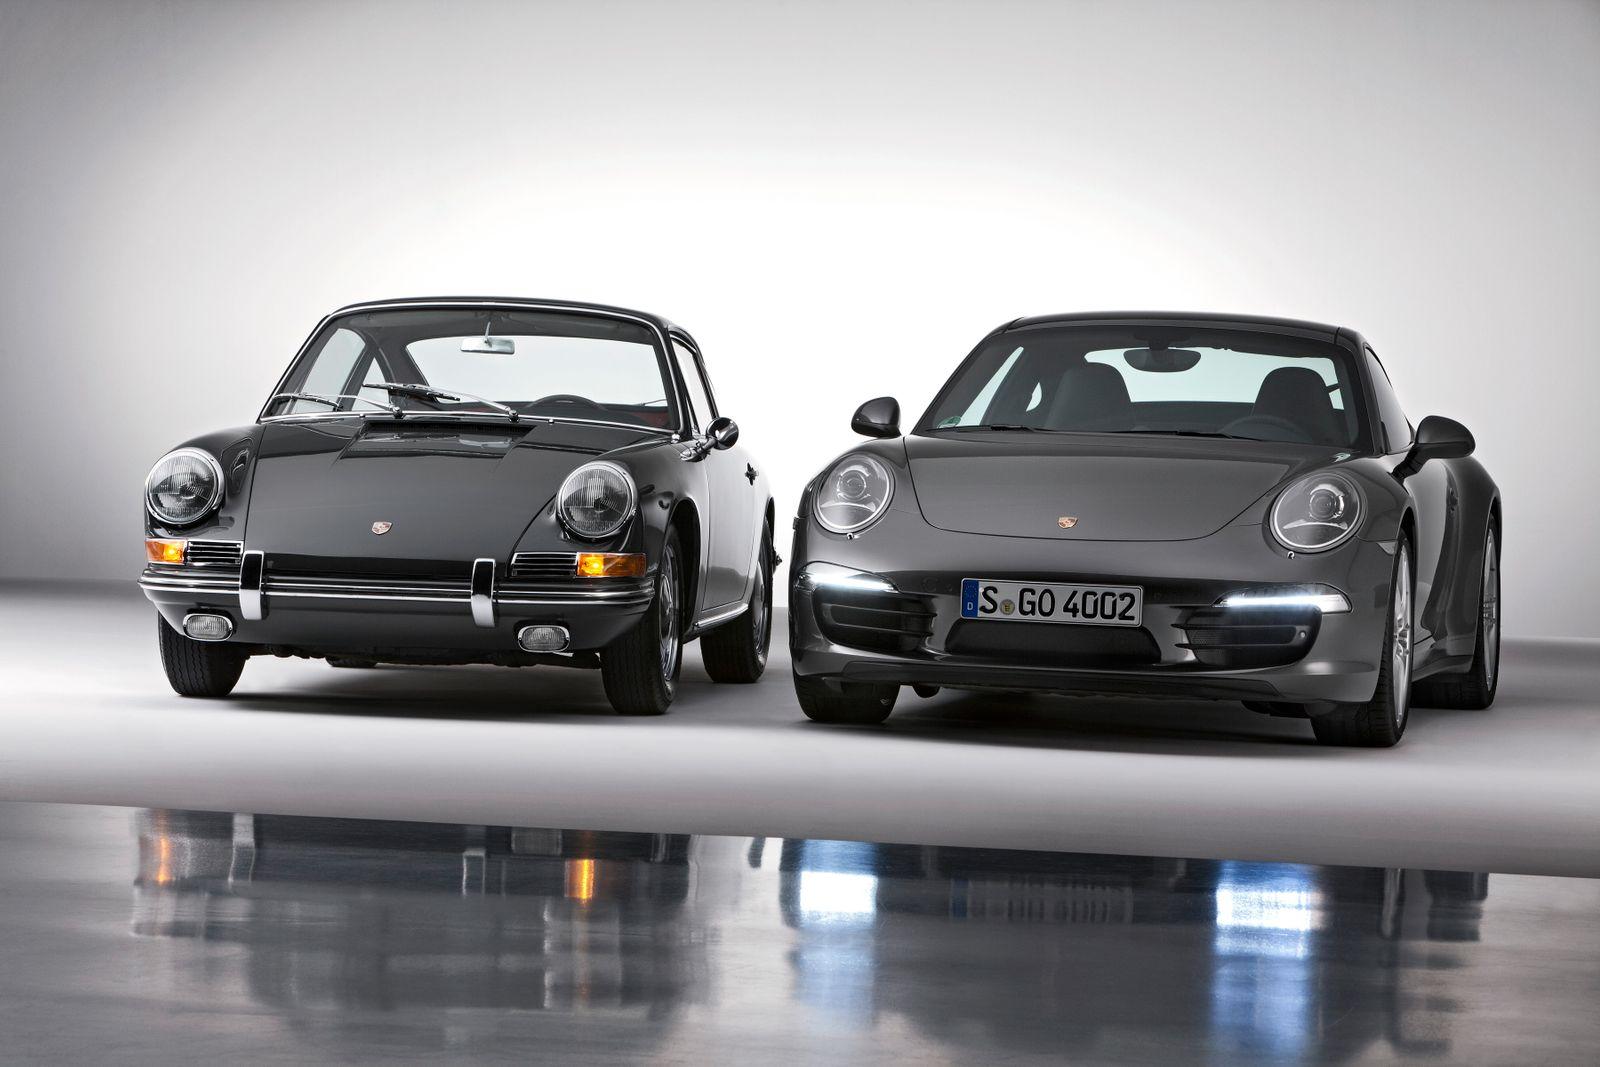 Porsche 911 Coupé (Baujahr 1964) / Porsche 911 Carrera 4S Coupé